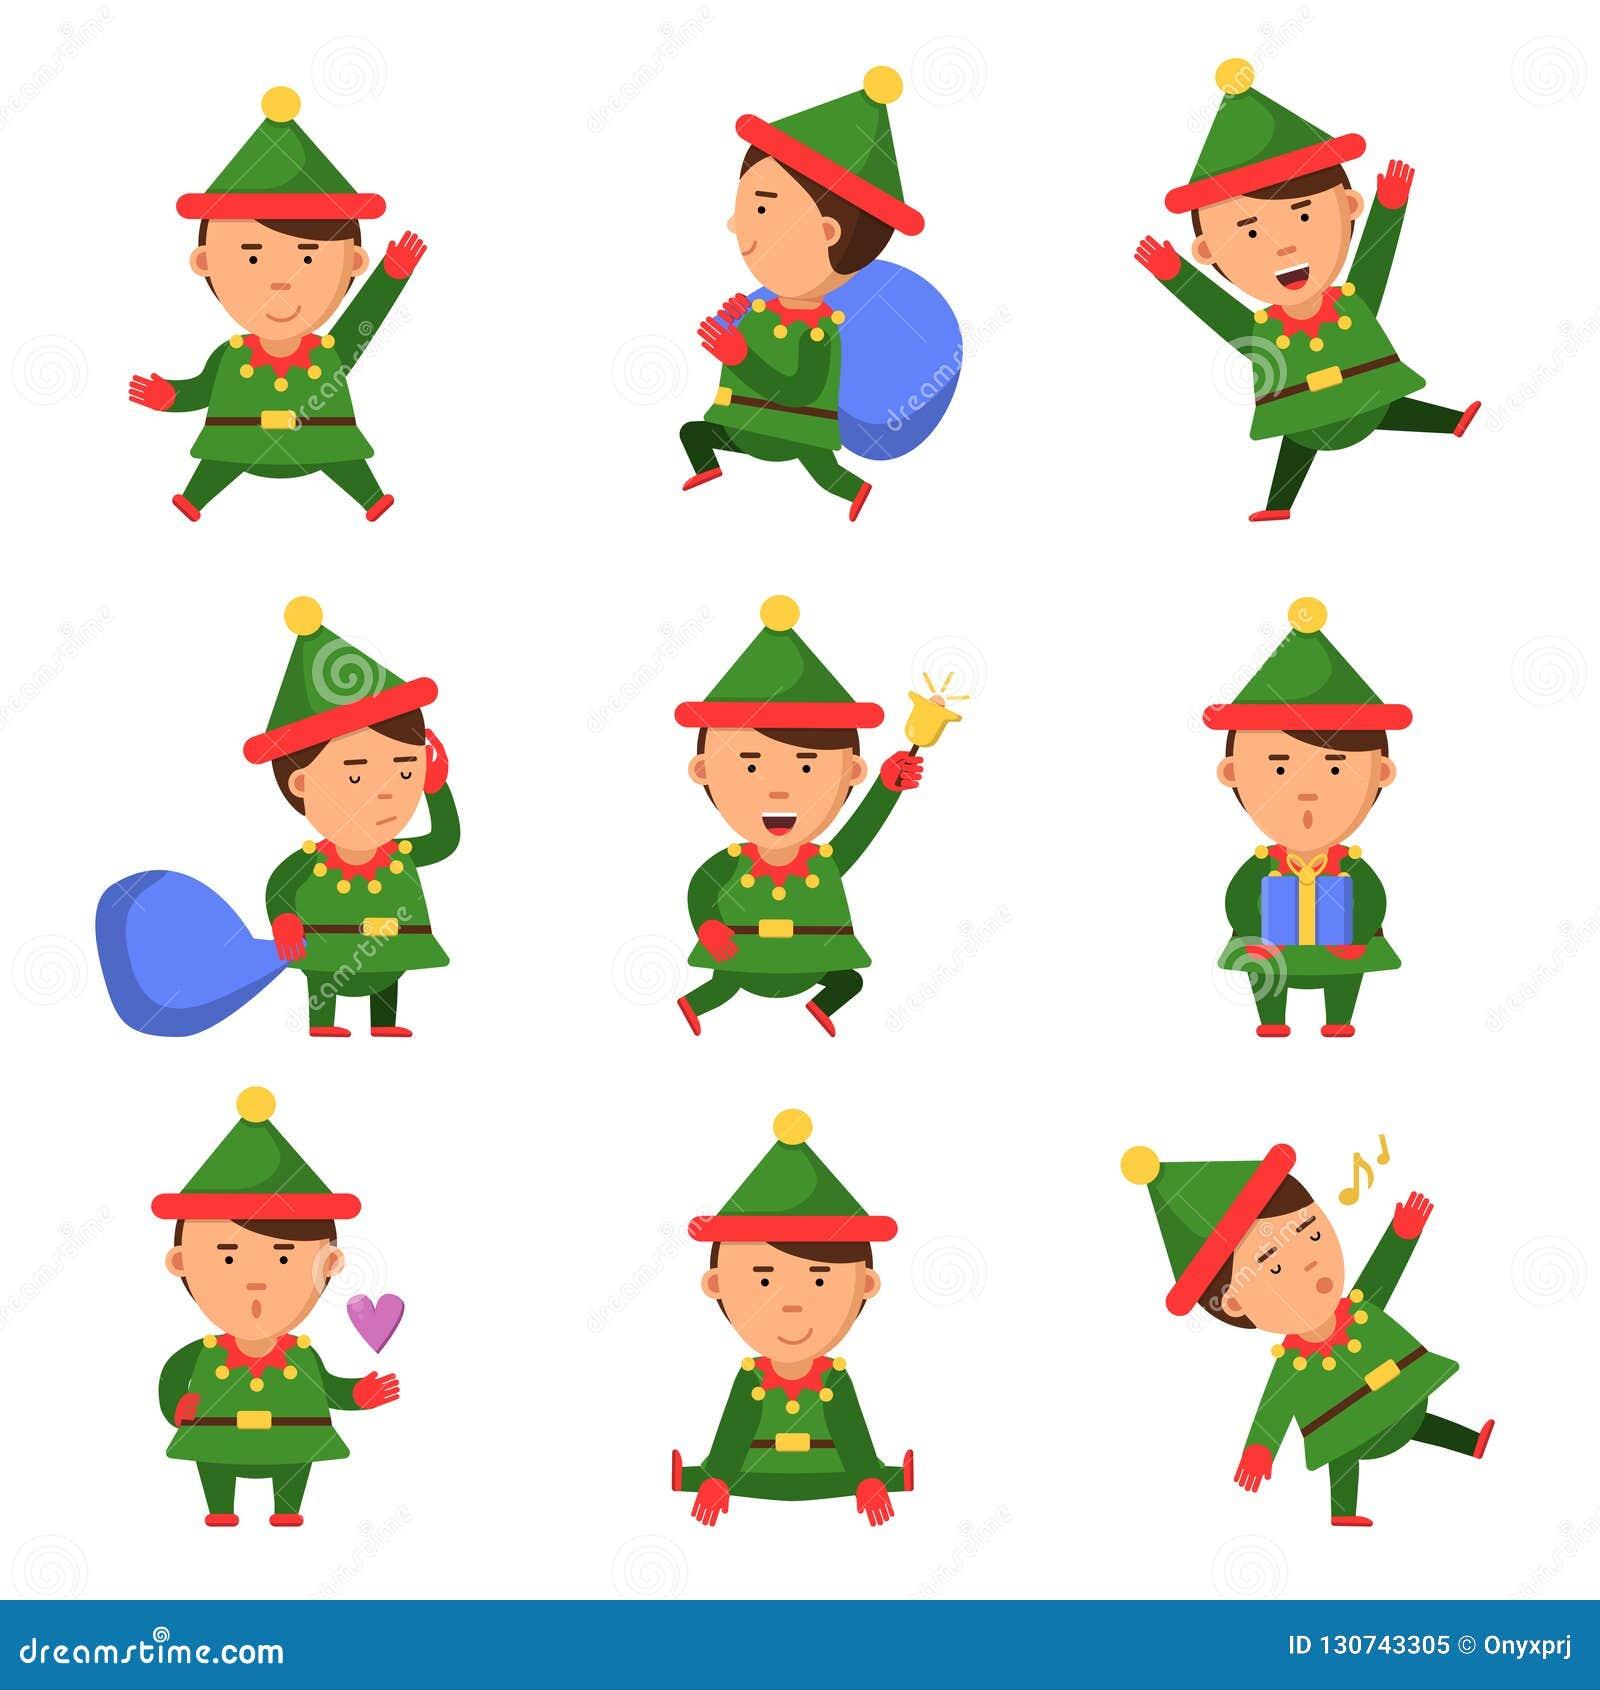 Carateres Do Duende Pessoa Do Vetor Dos Desenhos Animados Do Natal